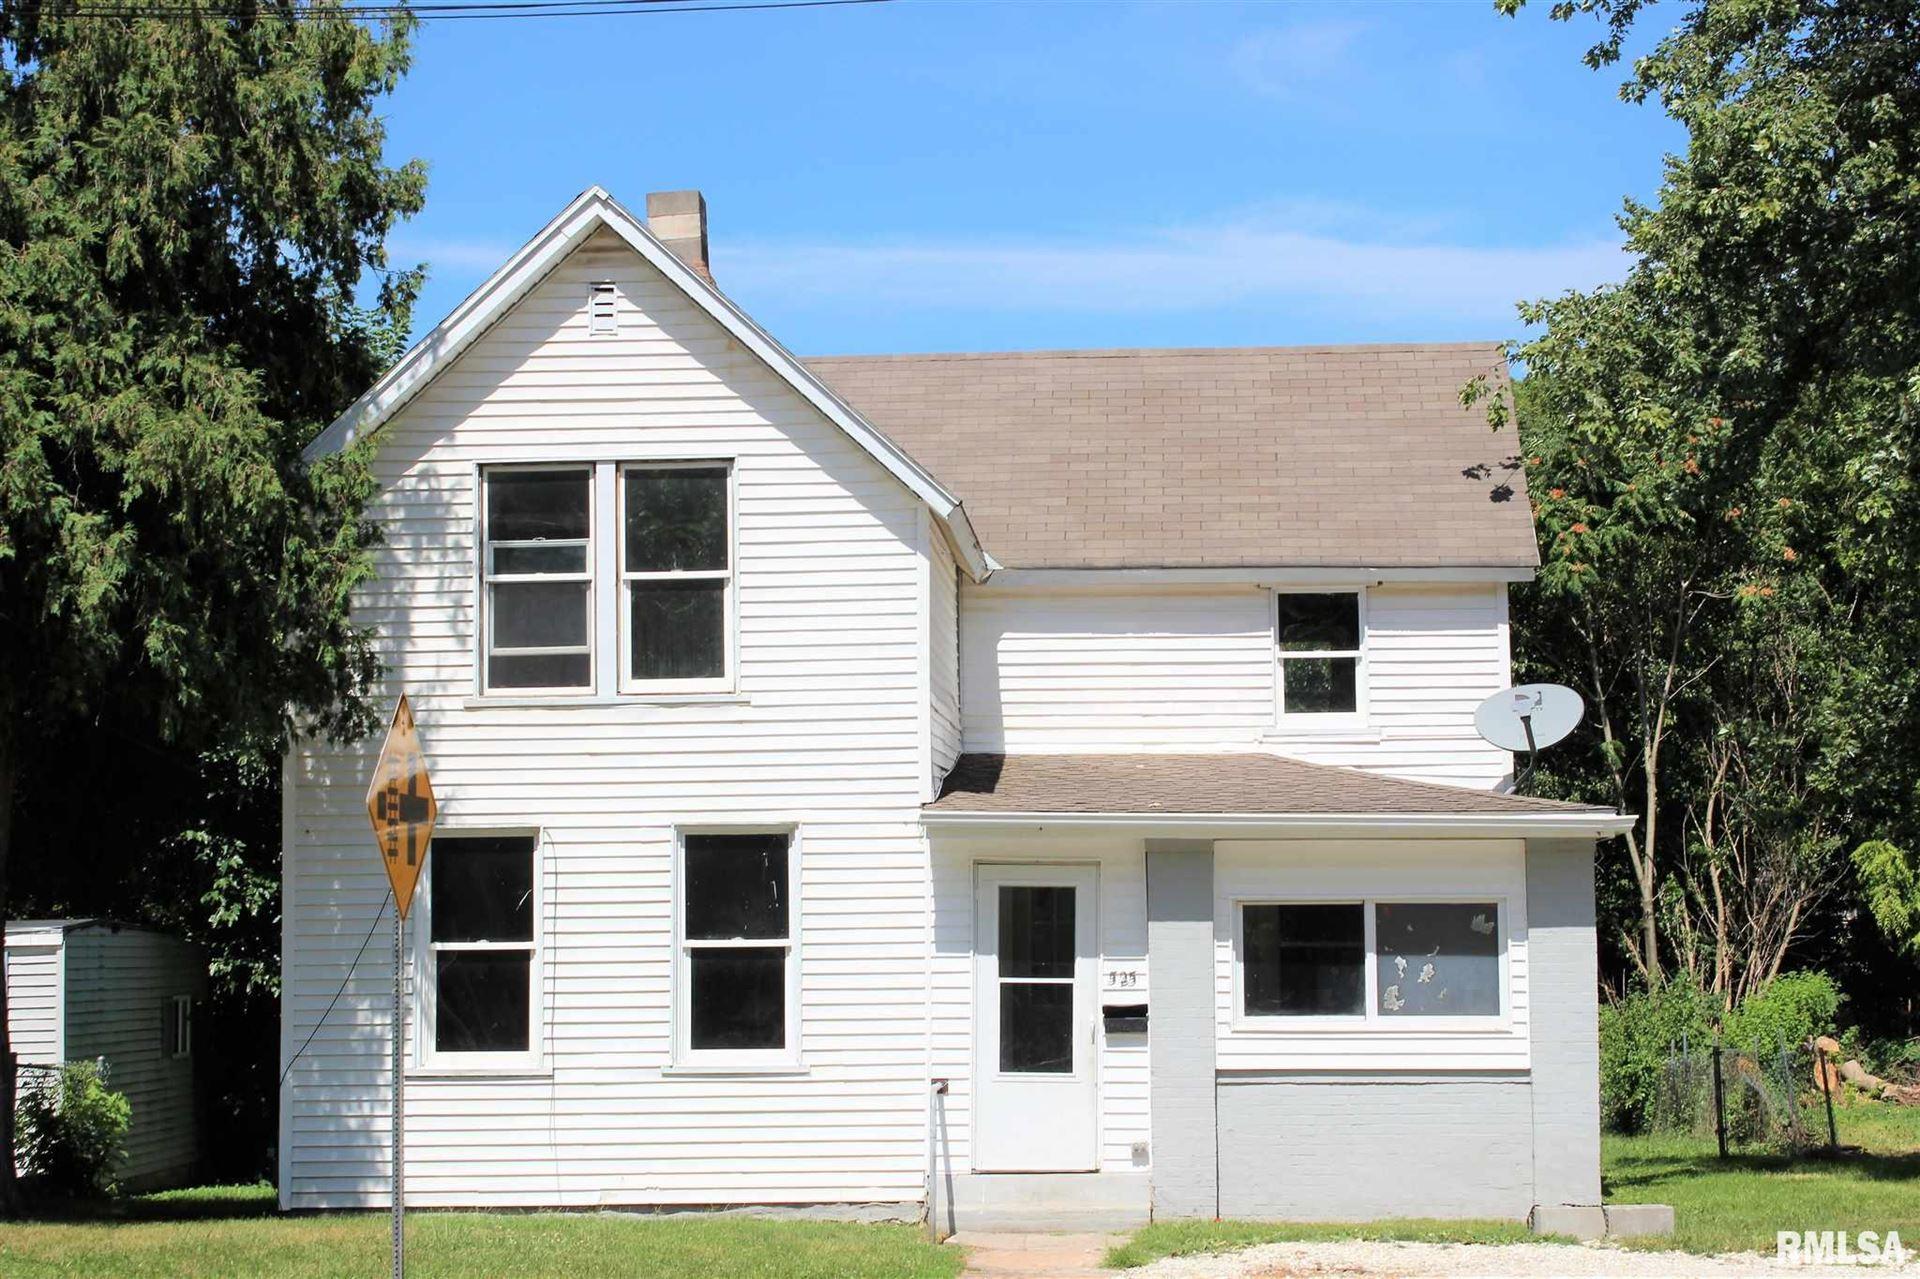 525 Peck, Galesburg, IL 61401 - MLS#: CA1009463